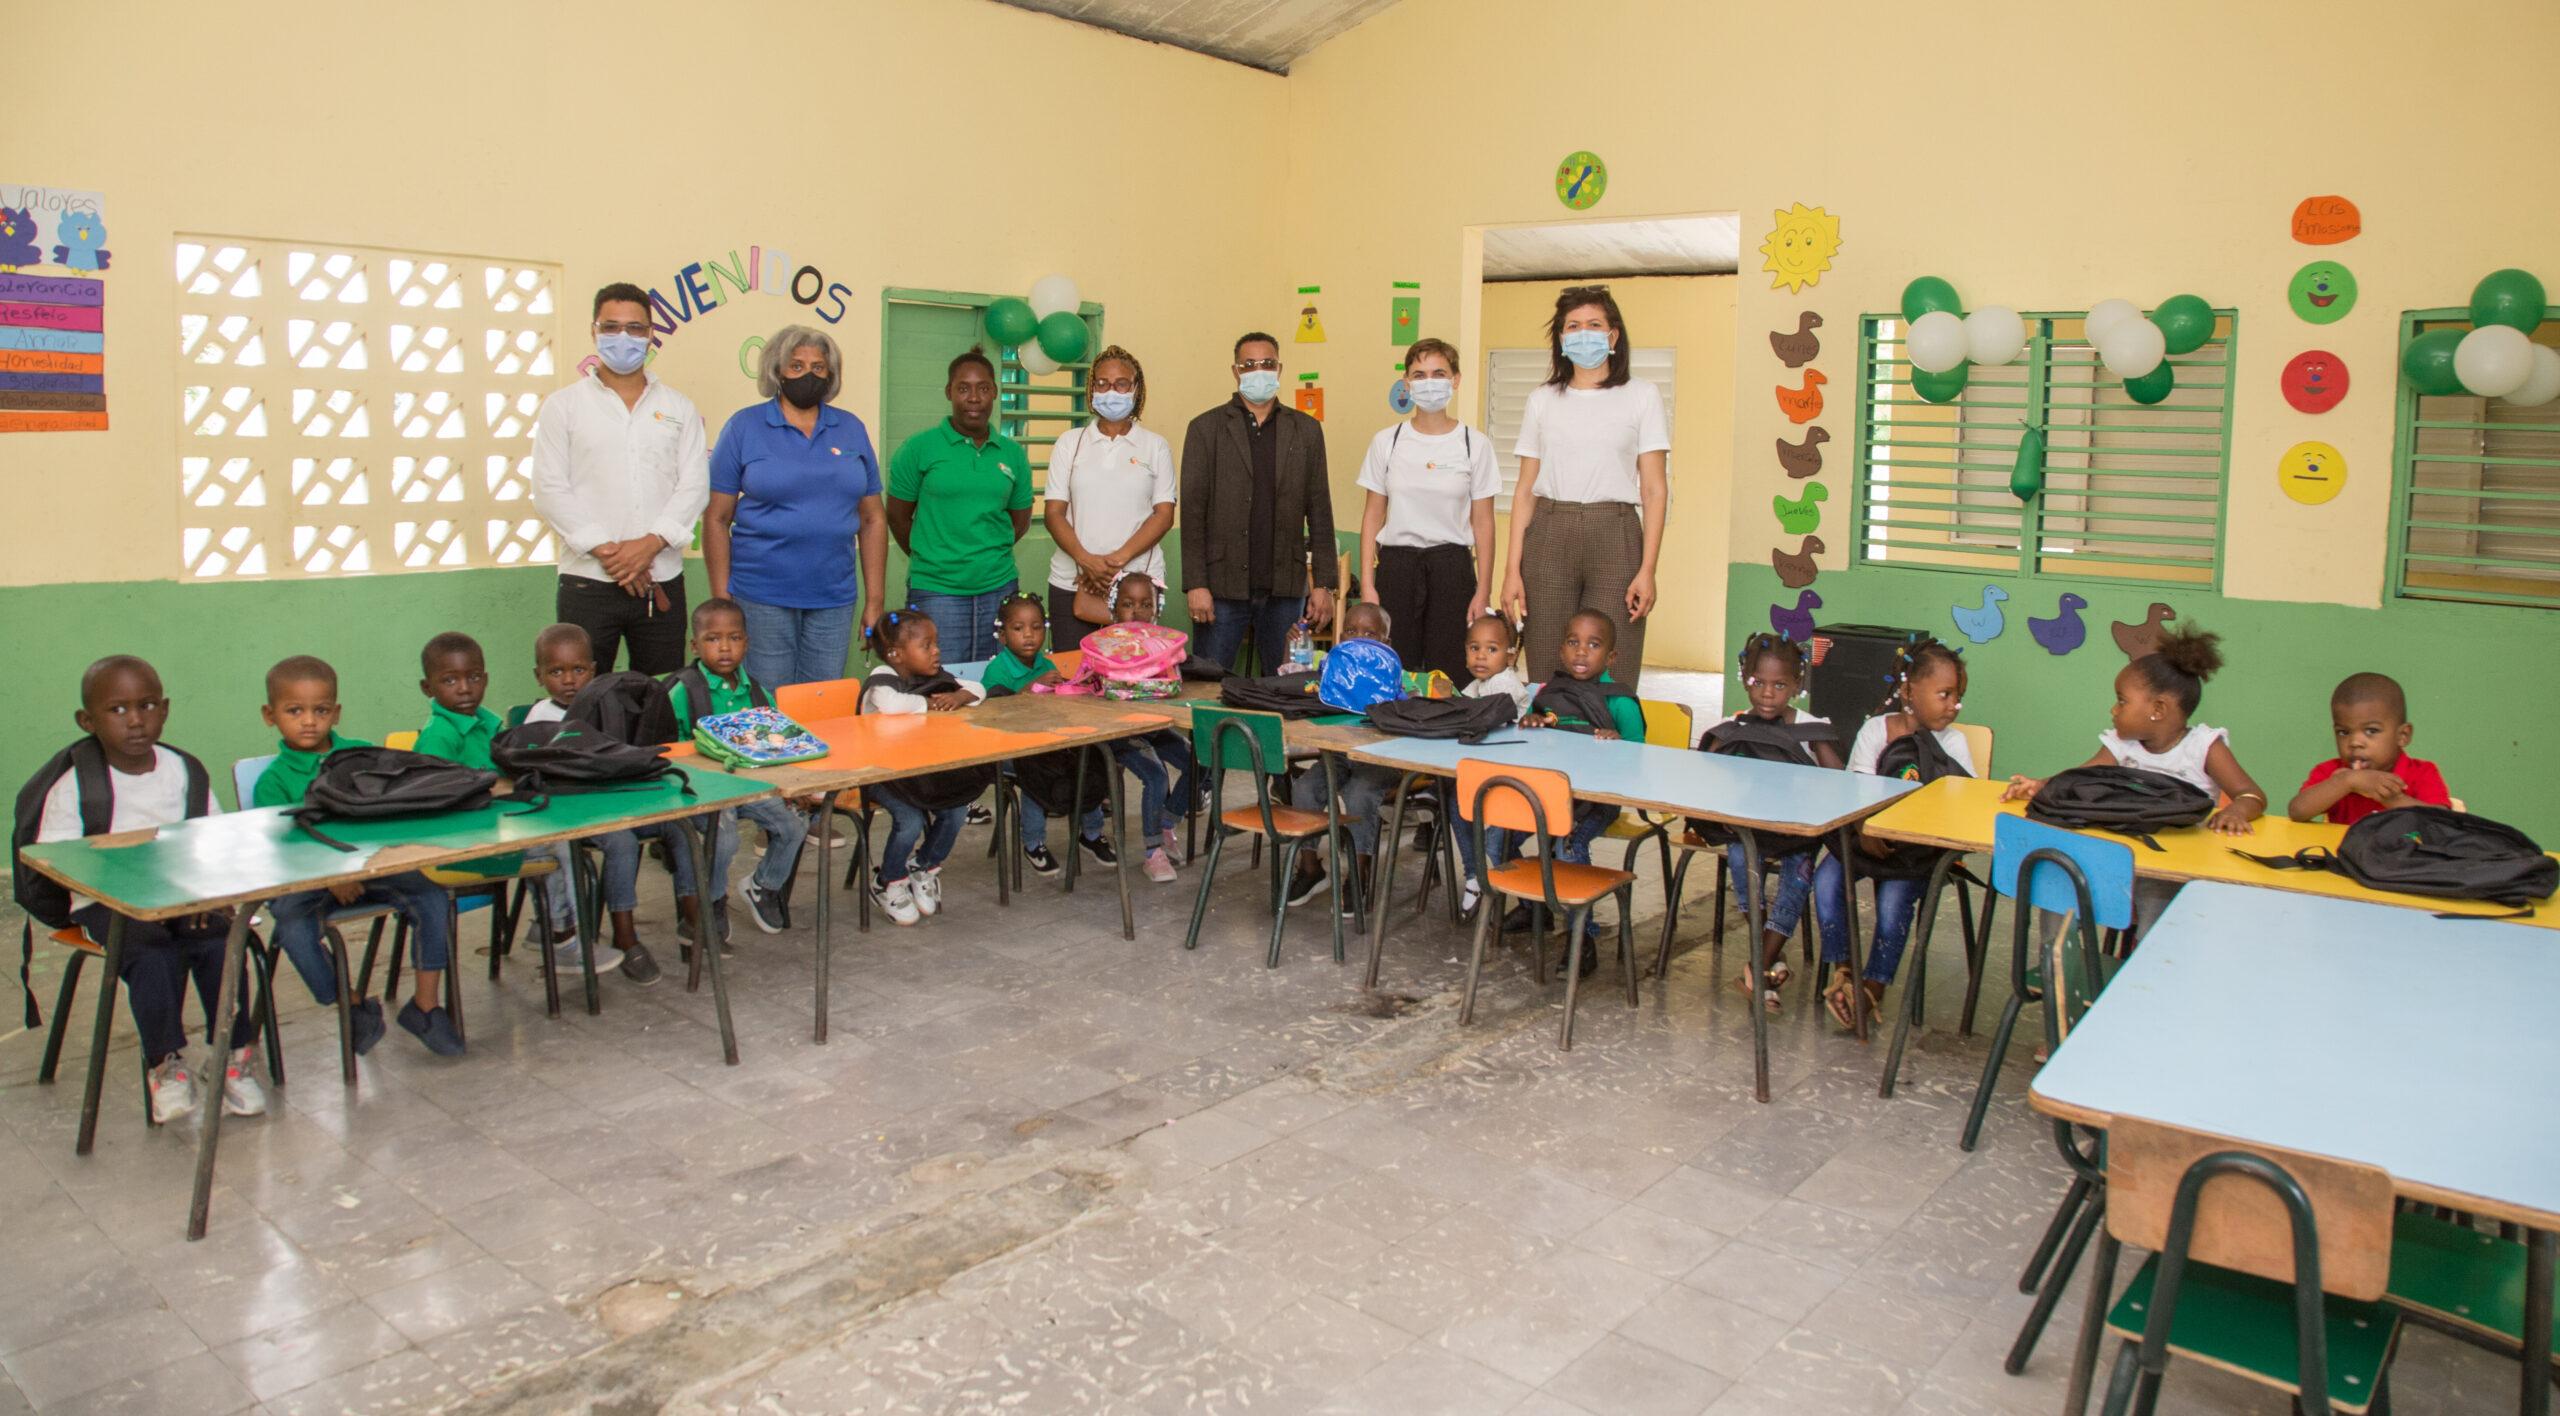 , Vuelve la alegría a las zonas cañeras por la apertura del nuevo año escolar 2021-2022